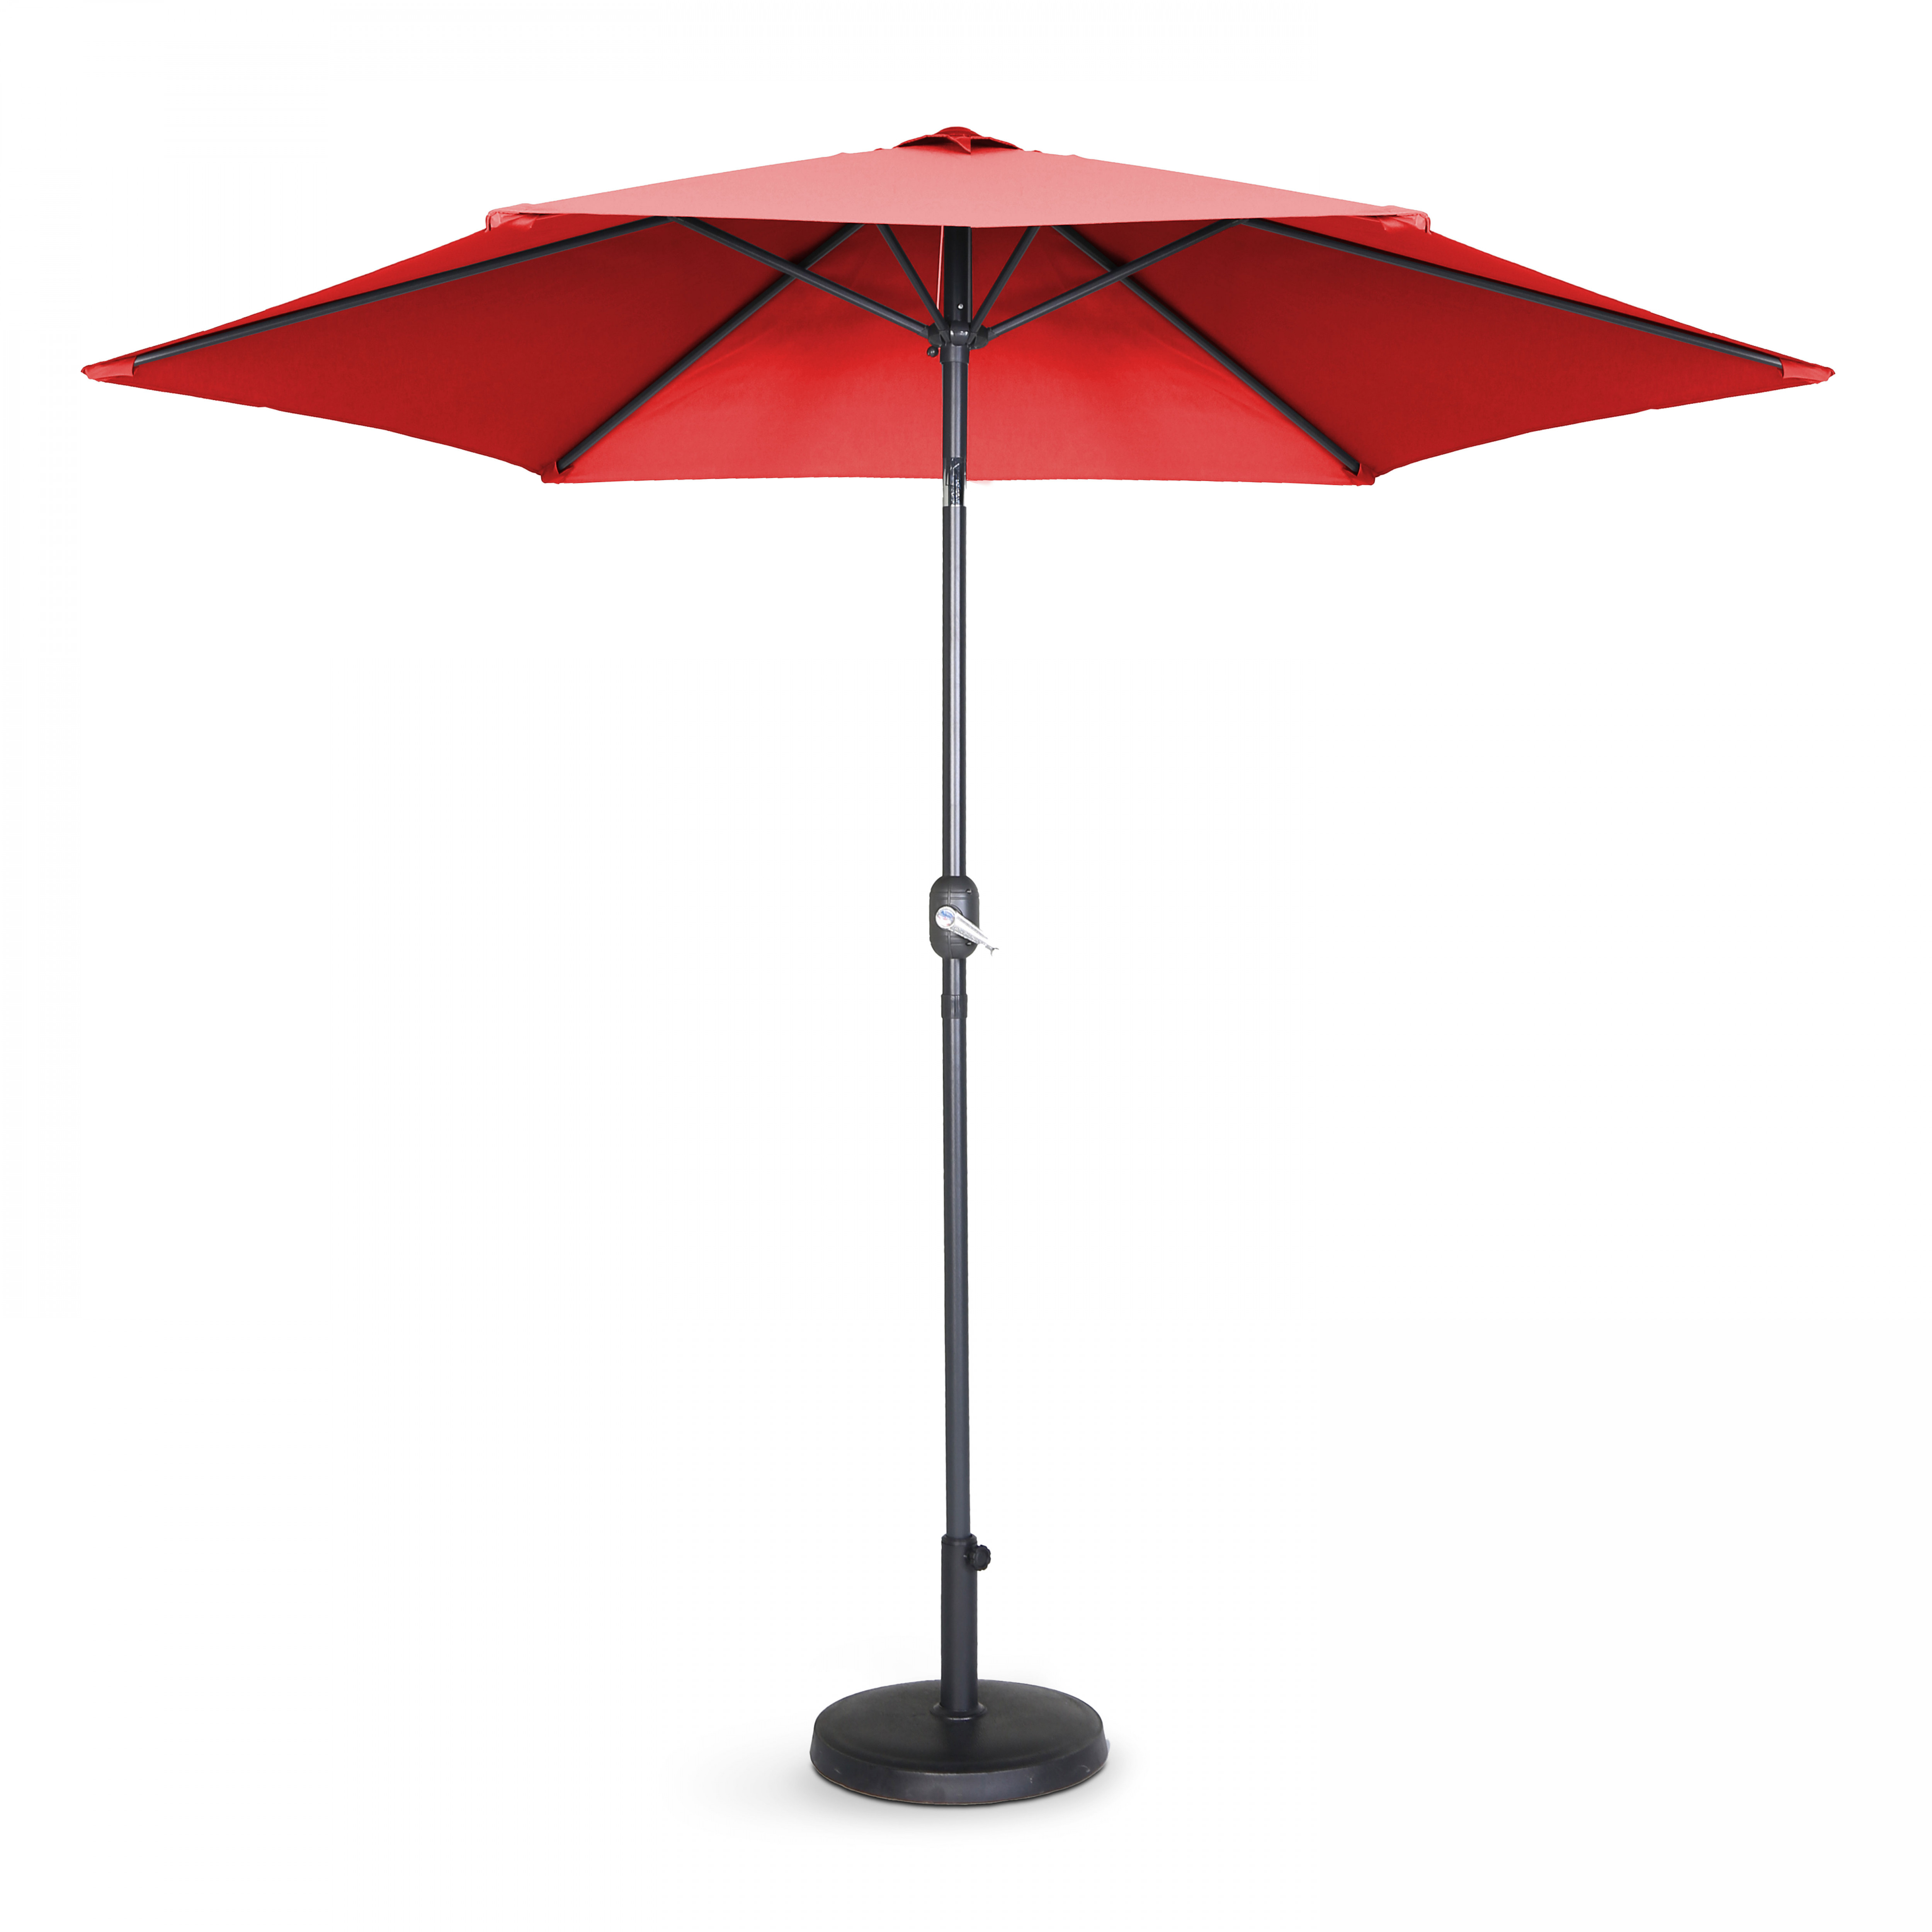 Parasol droit à manivelle inclinable  en aluminium rouge